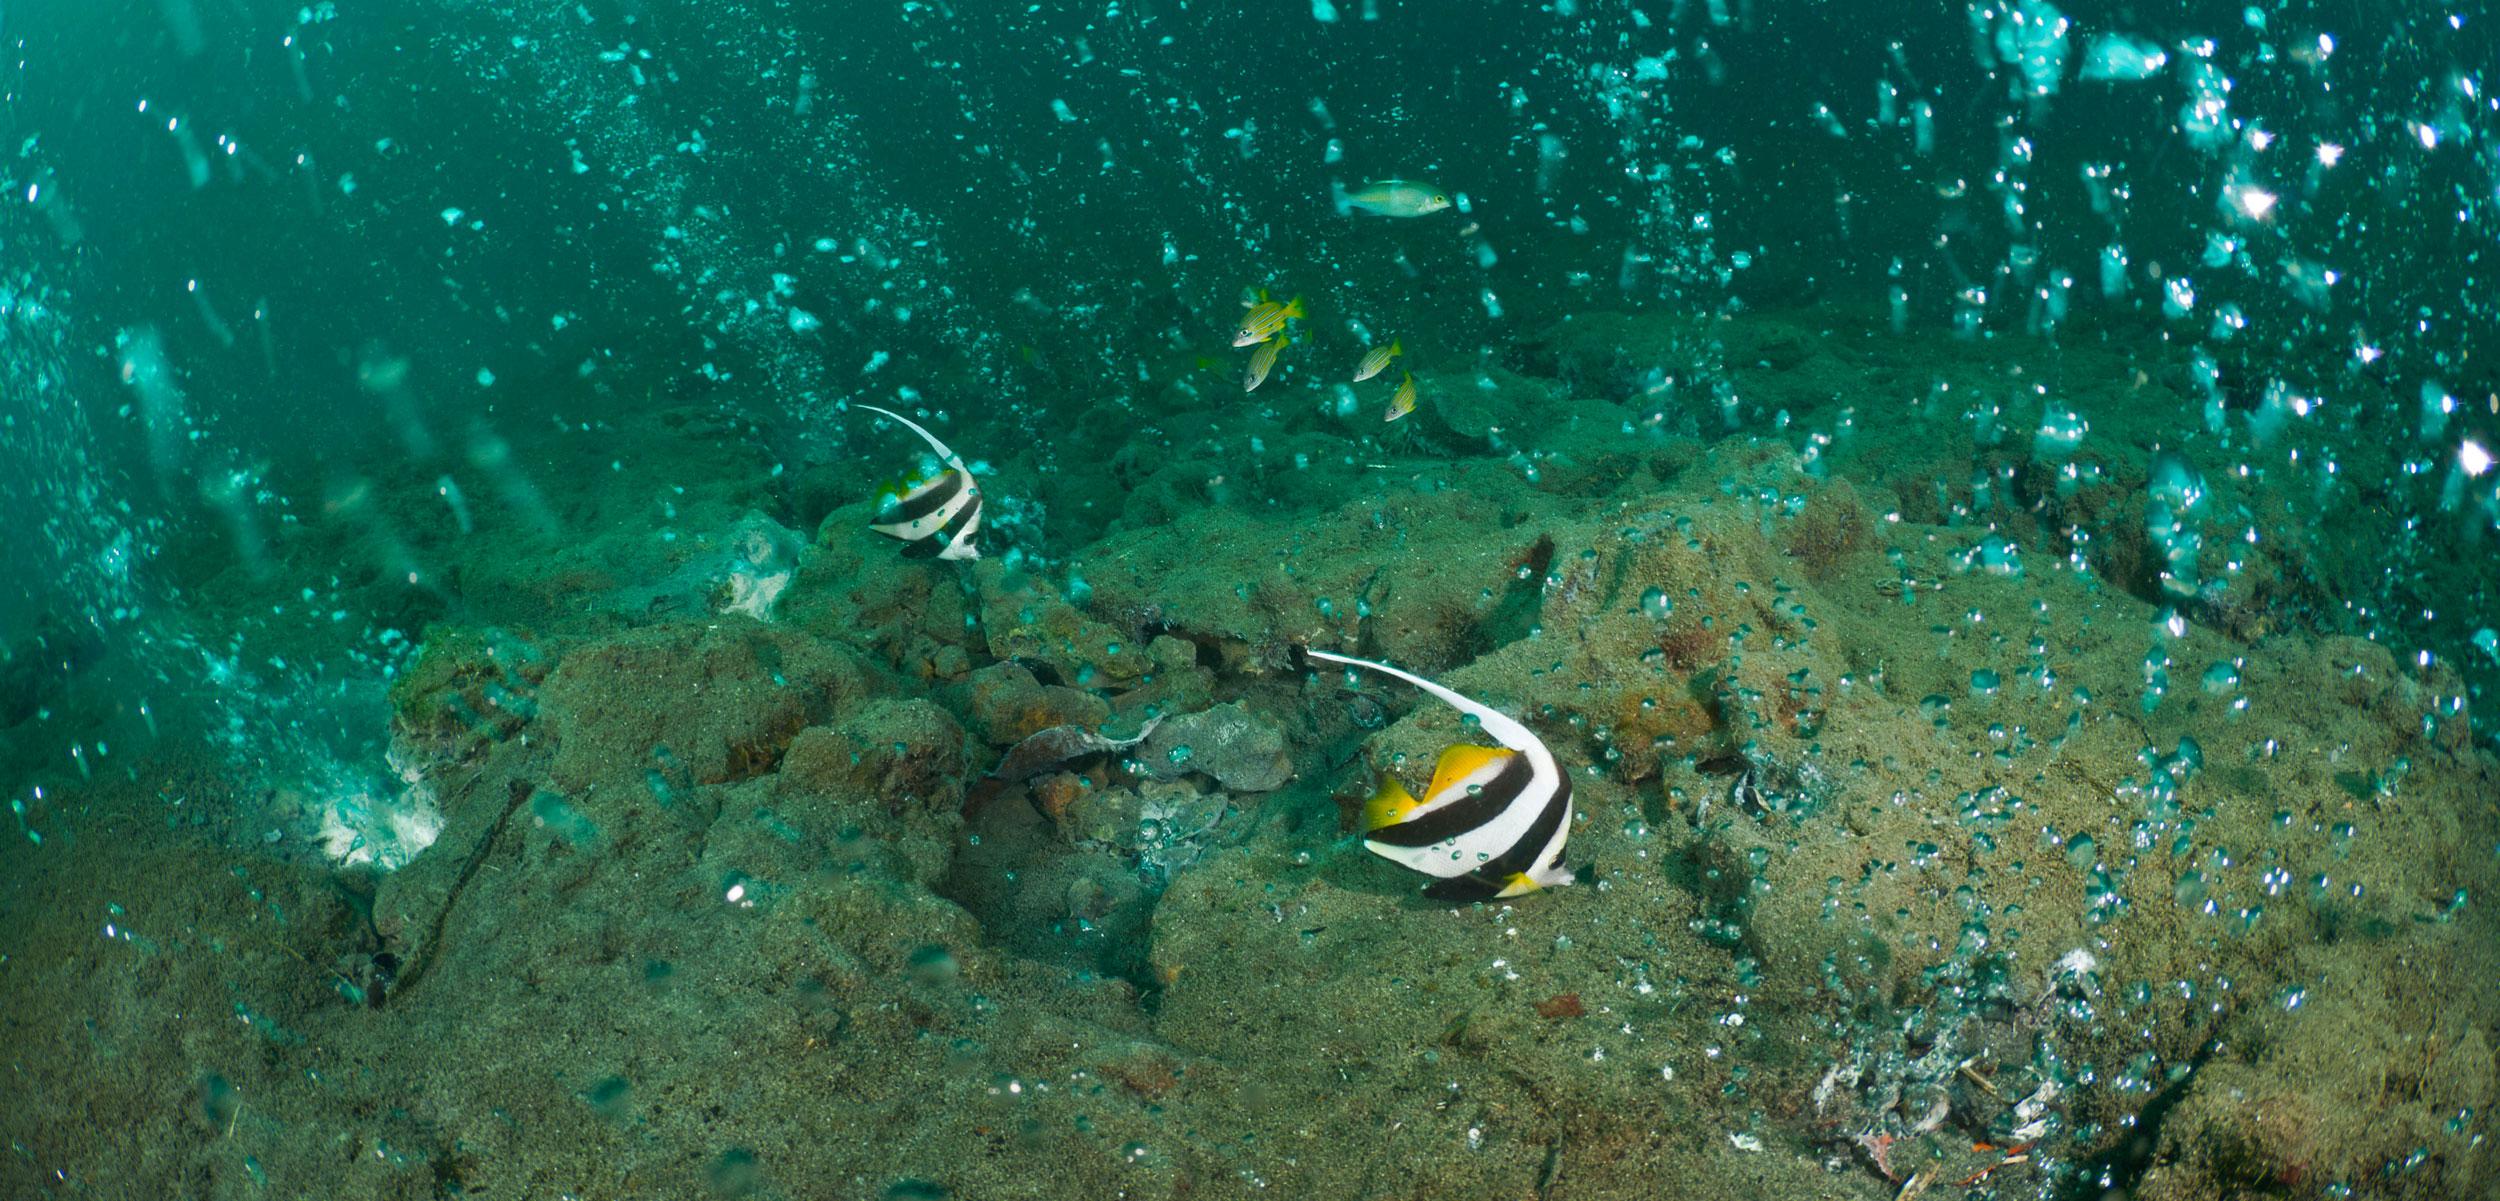 An underwater fumarole releasing bubbles of gas